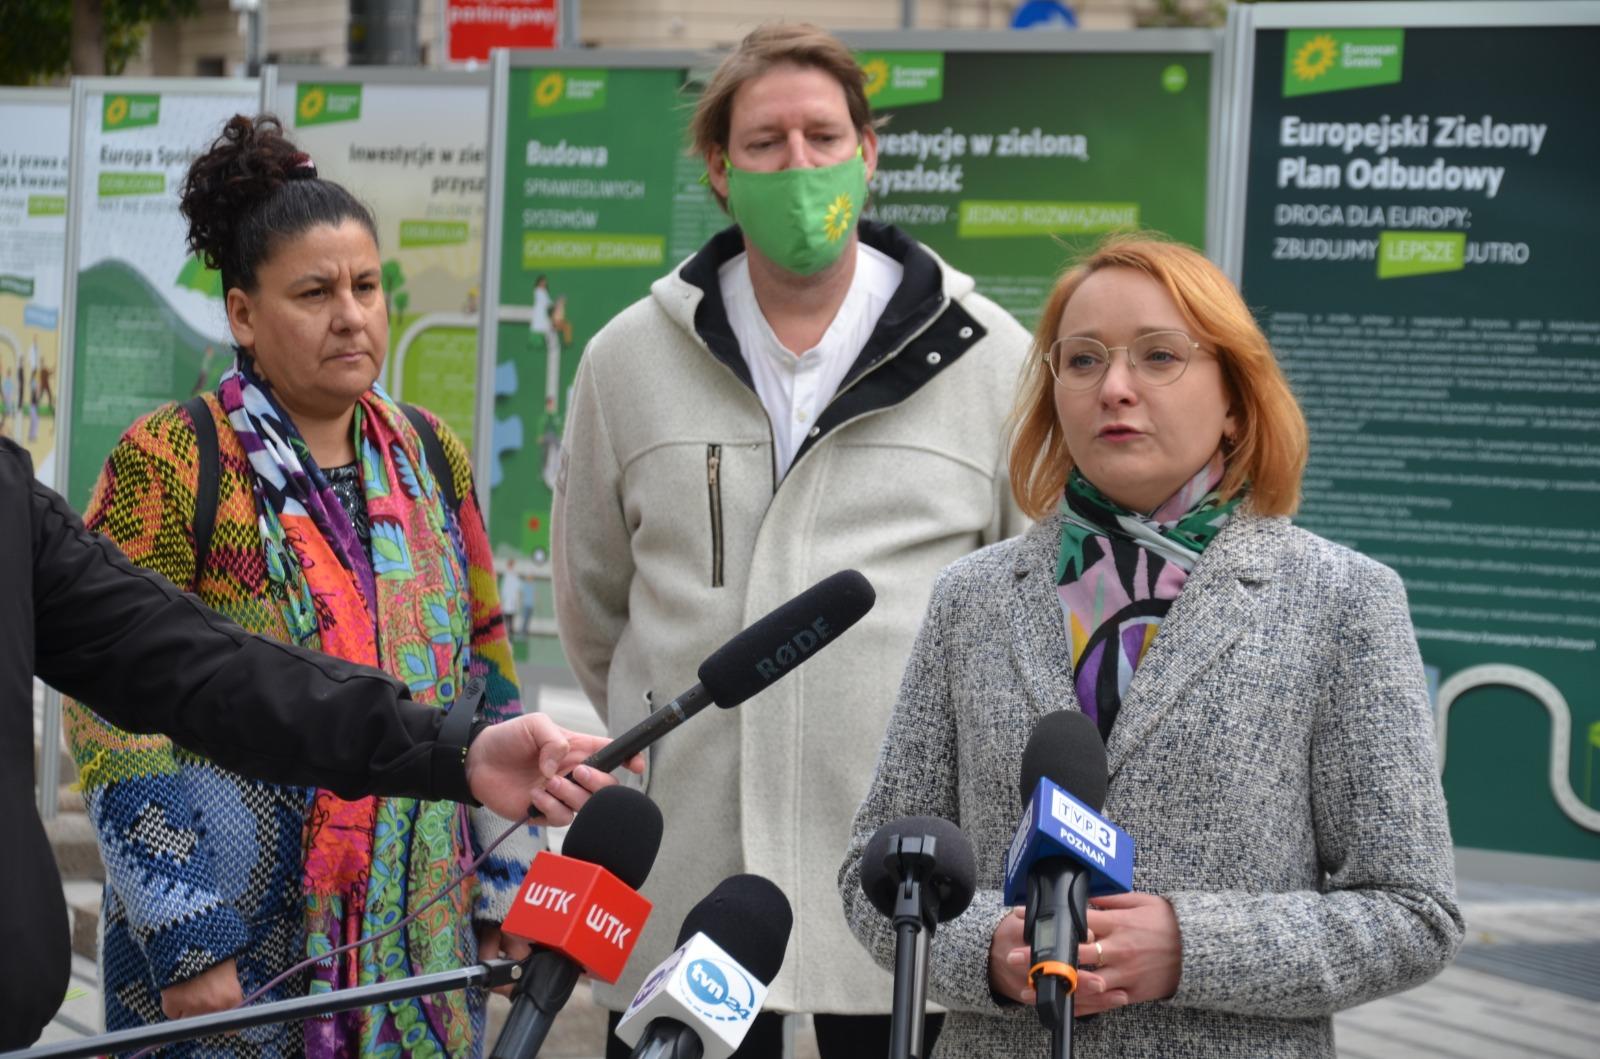 Zieloni zapowiadają złożenie projektu zakazu hodowli na futra